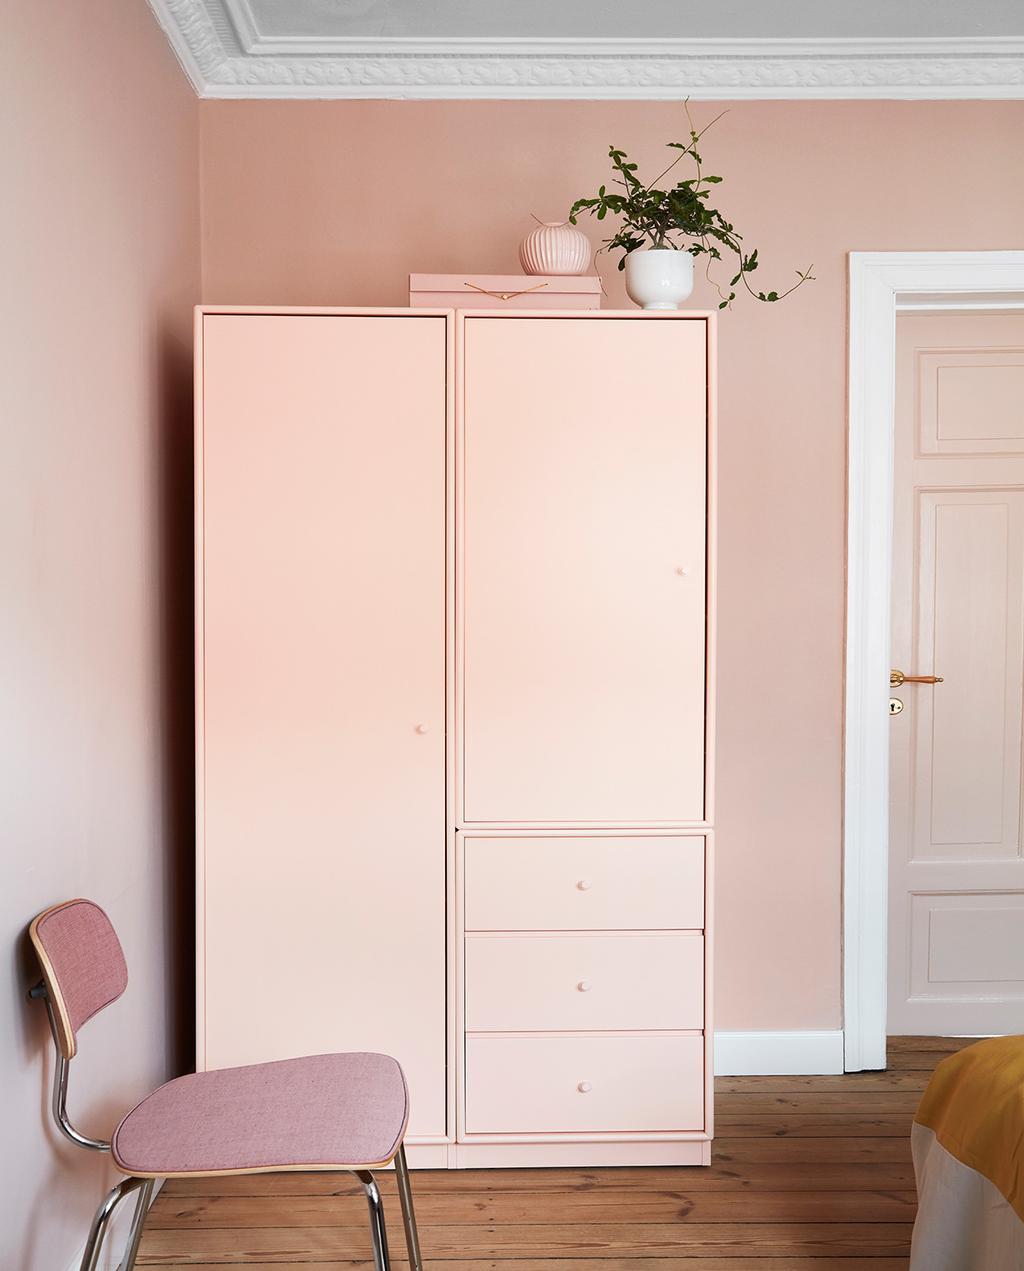 vtwonen 02-2021 | roze kast en roze stoel